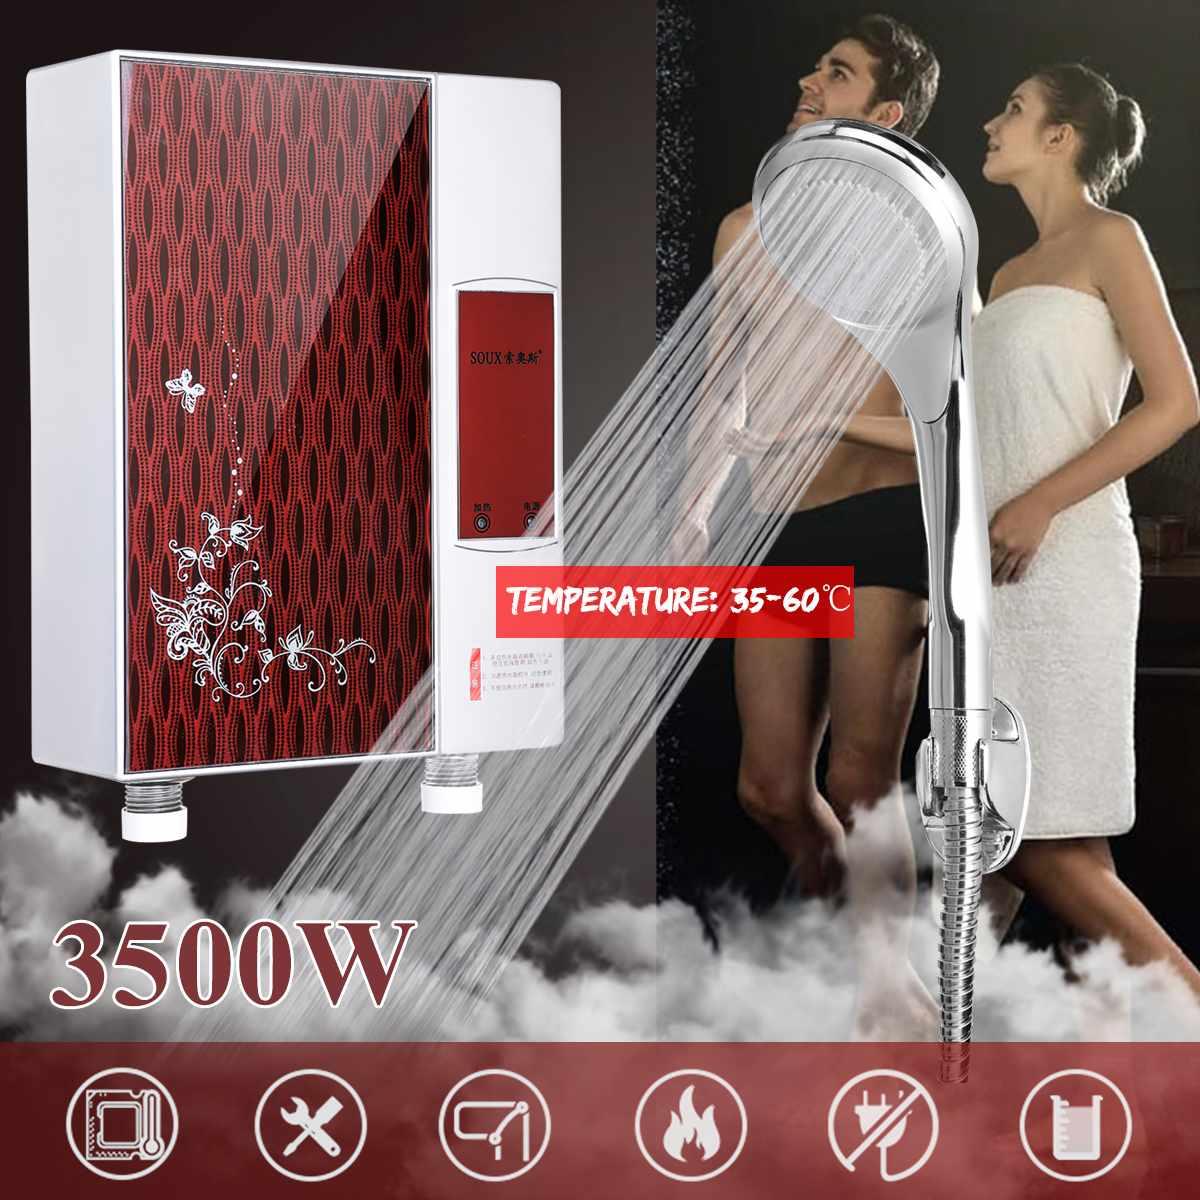 220 V 3600 W Mini Senza Serbatoio Instant Elettrico Riscaldatore di Acqua Calda Caldaia Bagno Set Doccia di Acqua di Riscaldamento a Temperatura Eccessiva di protezione